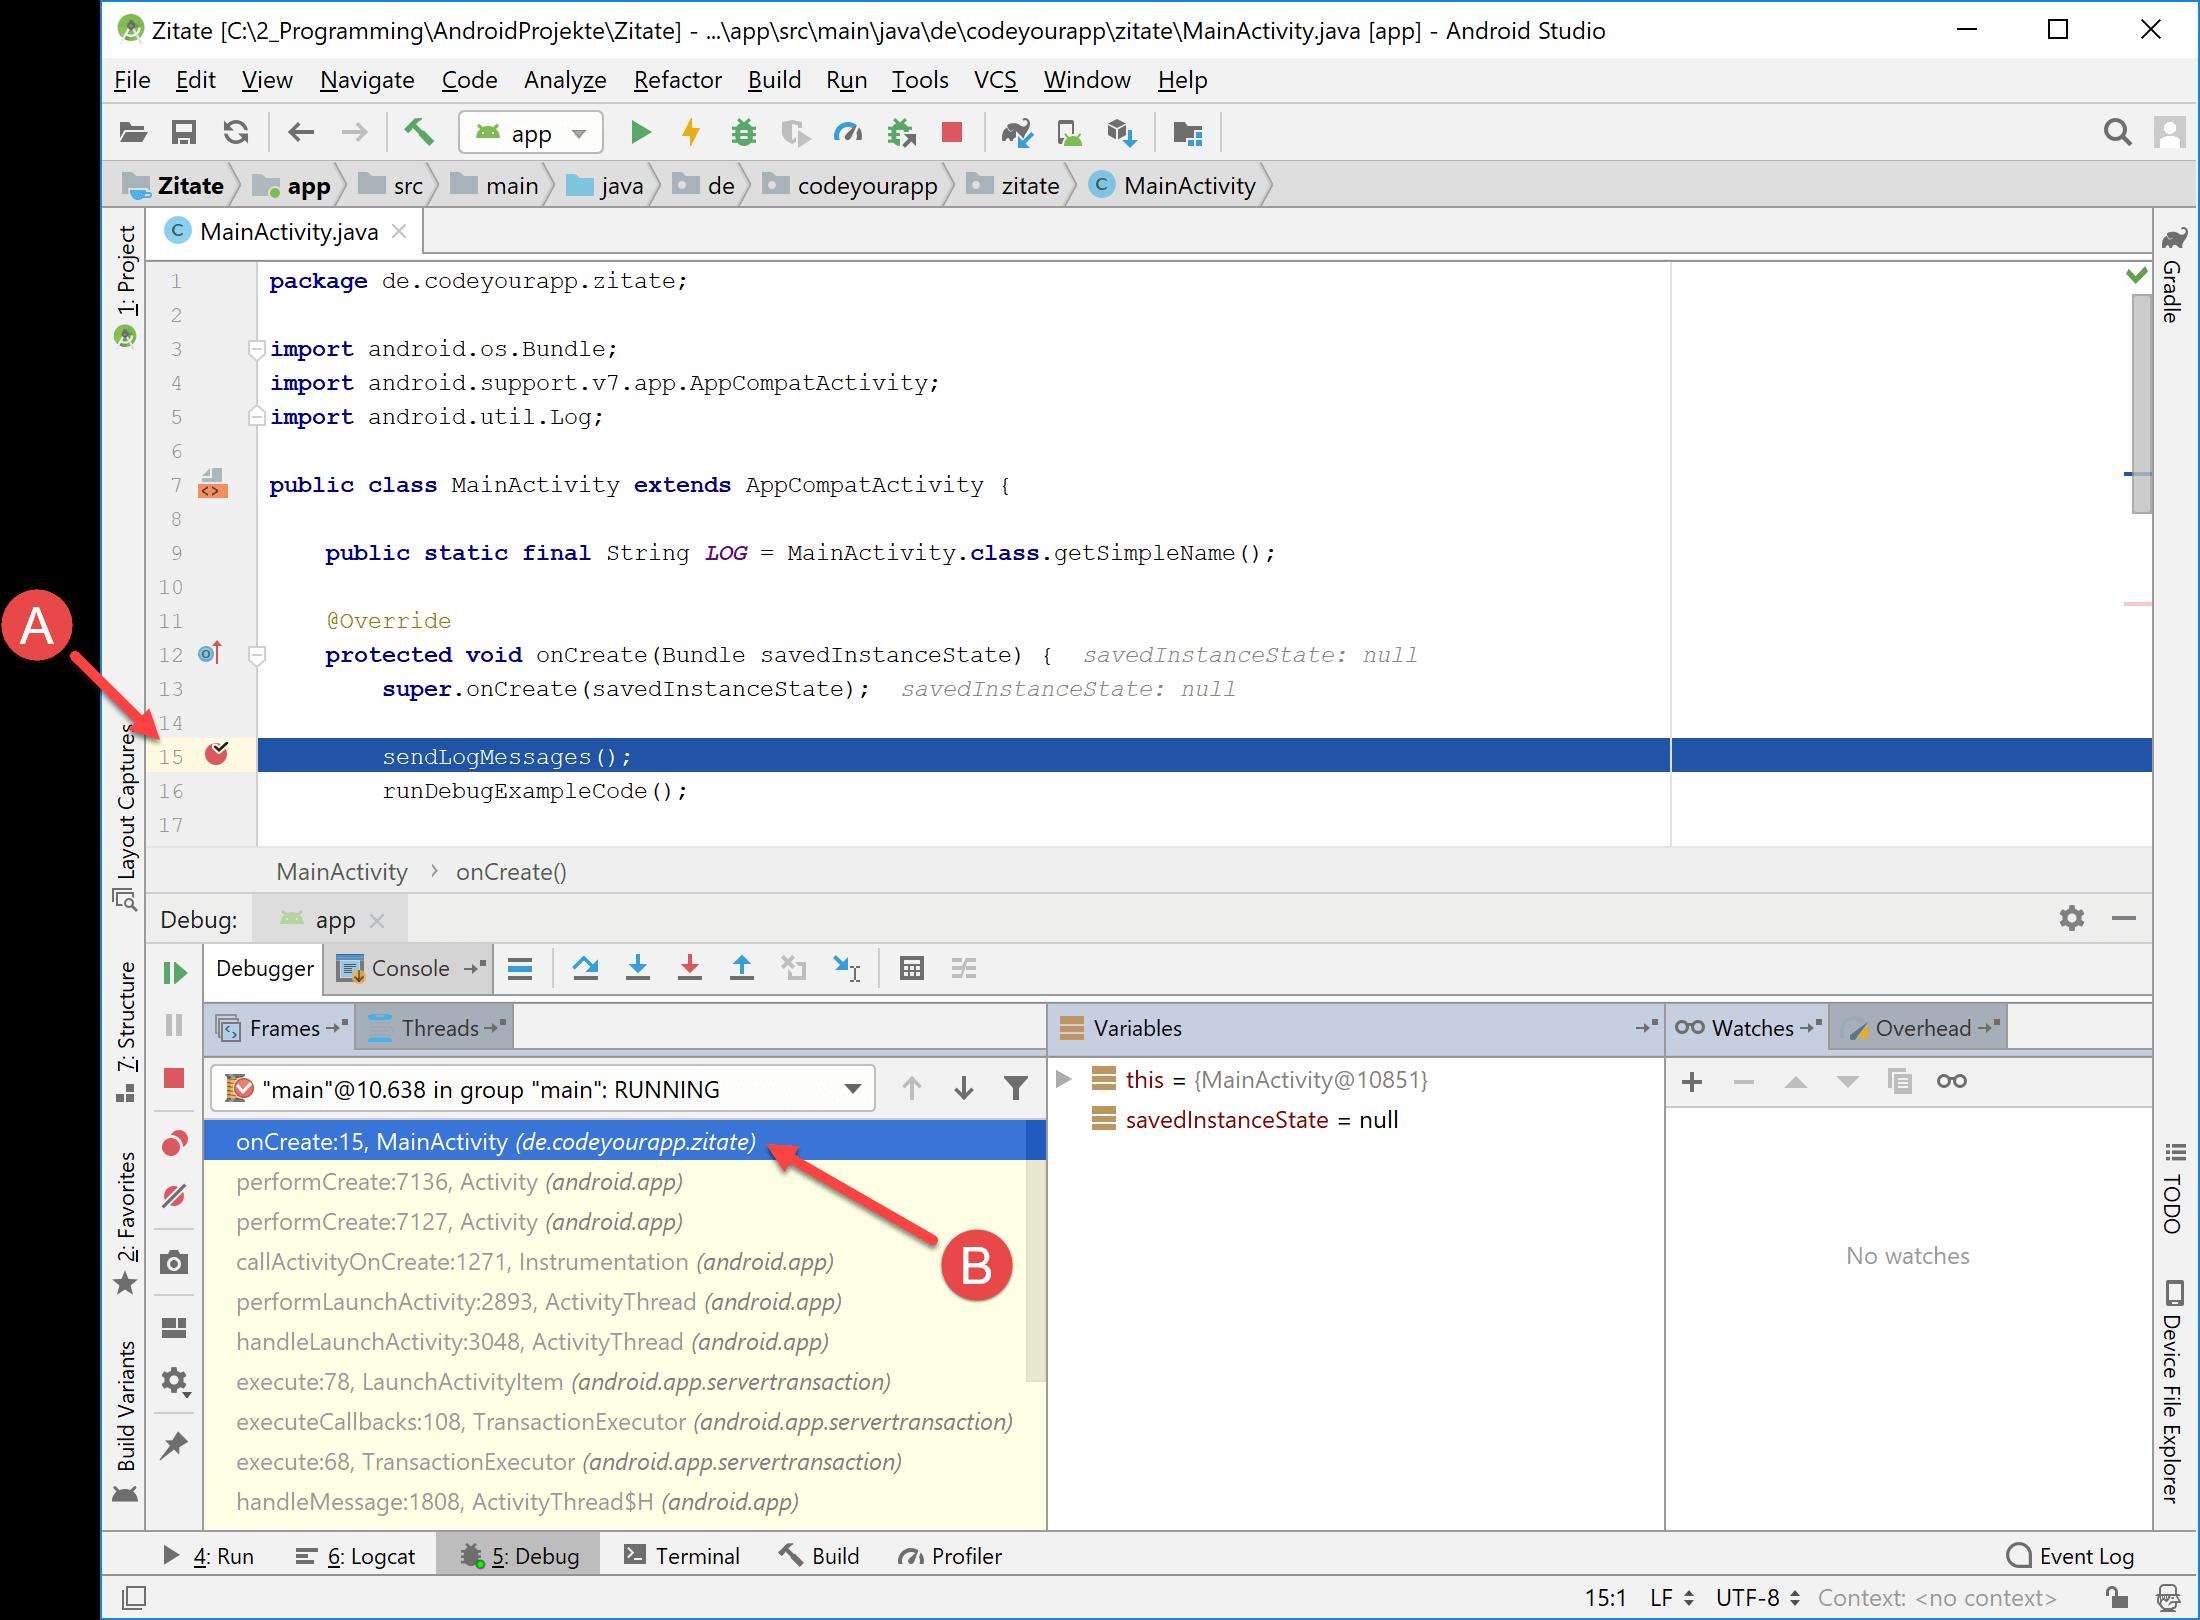 debug_modus